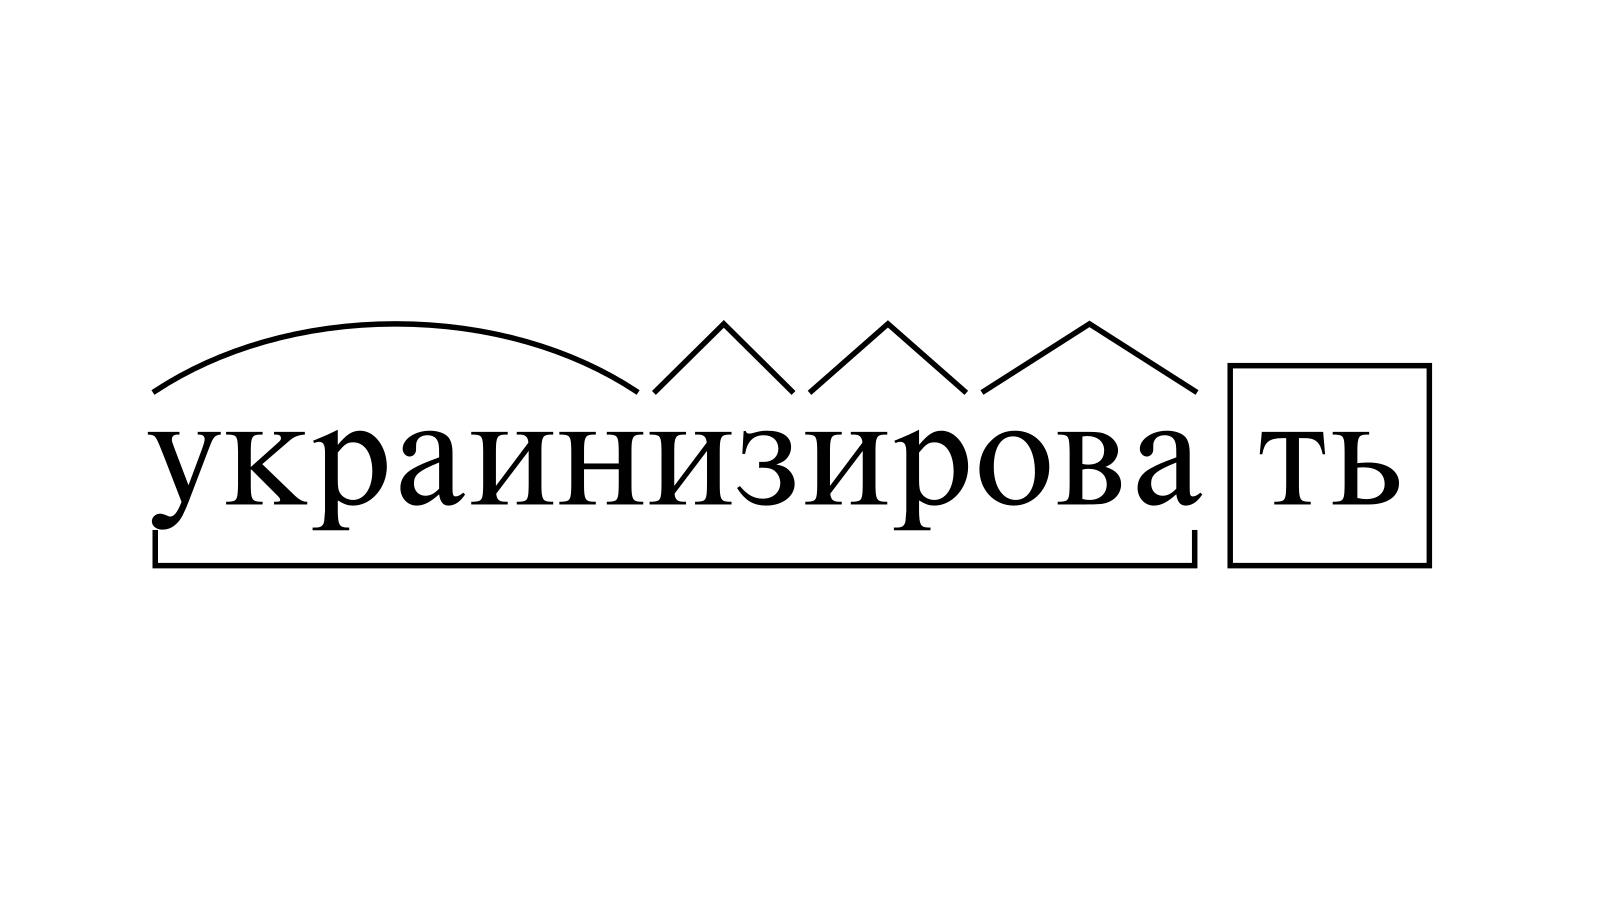 Разбор слова «украинизировать» по составу